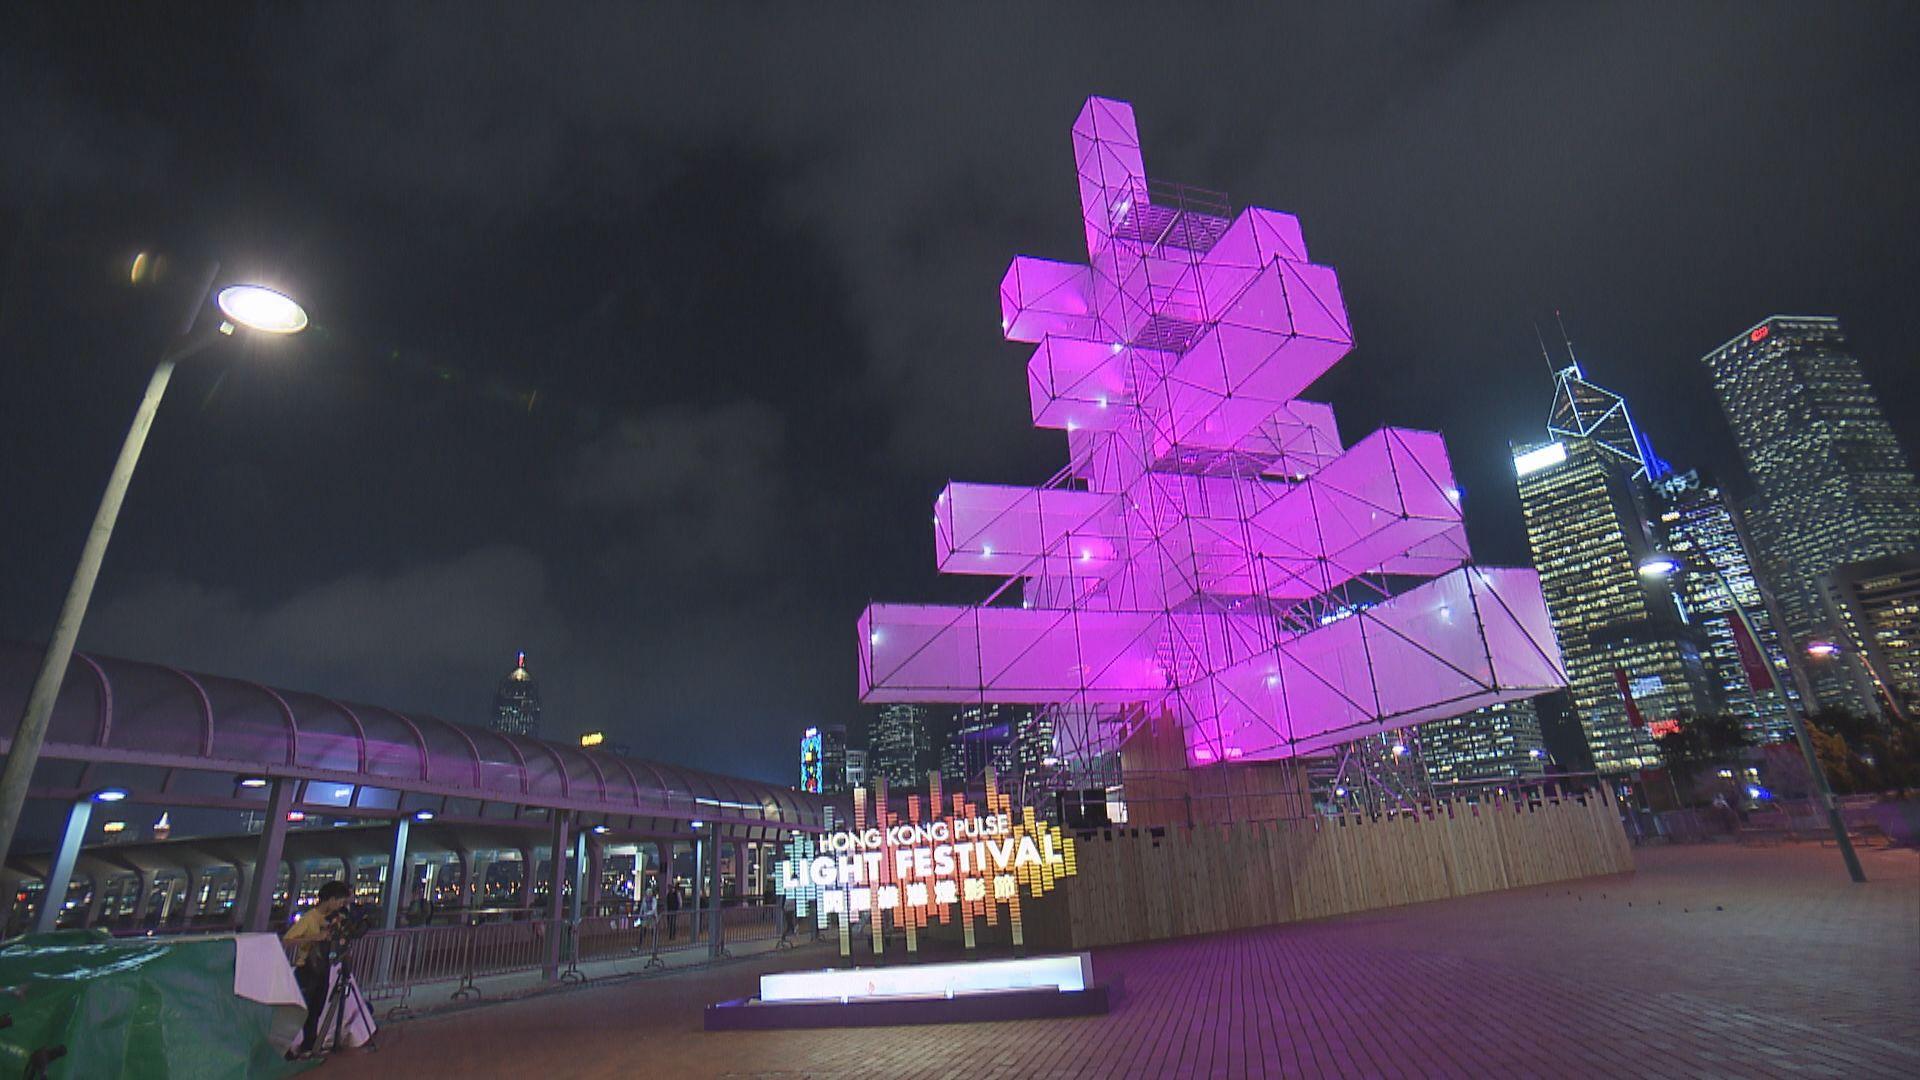 旅發局耗資2300萬元舉辦燈光藝術展